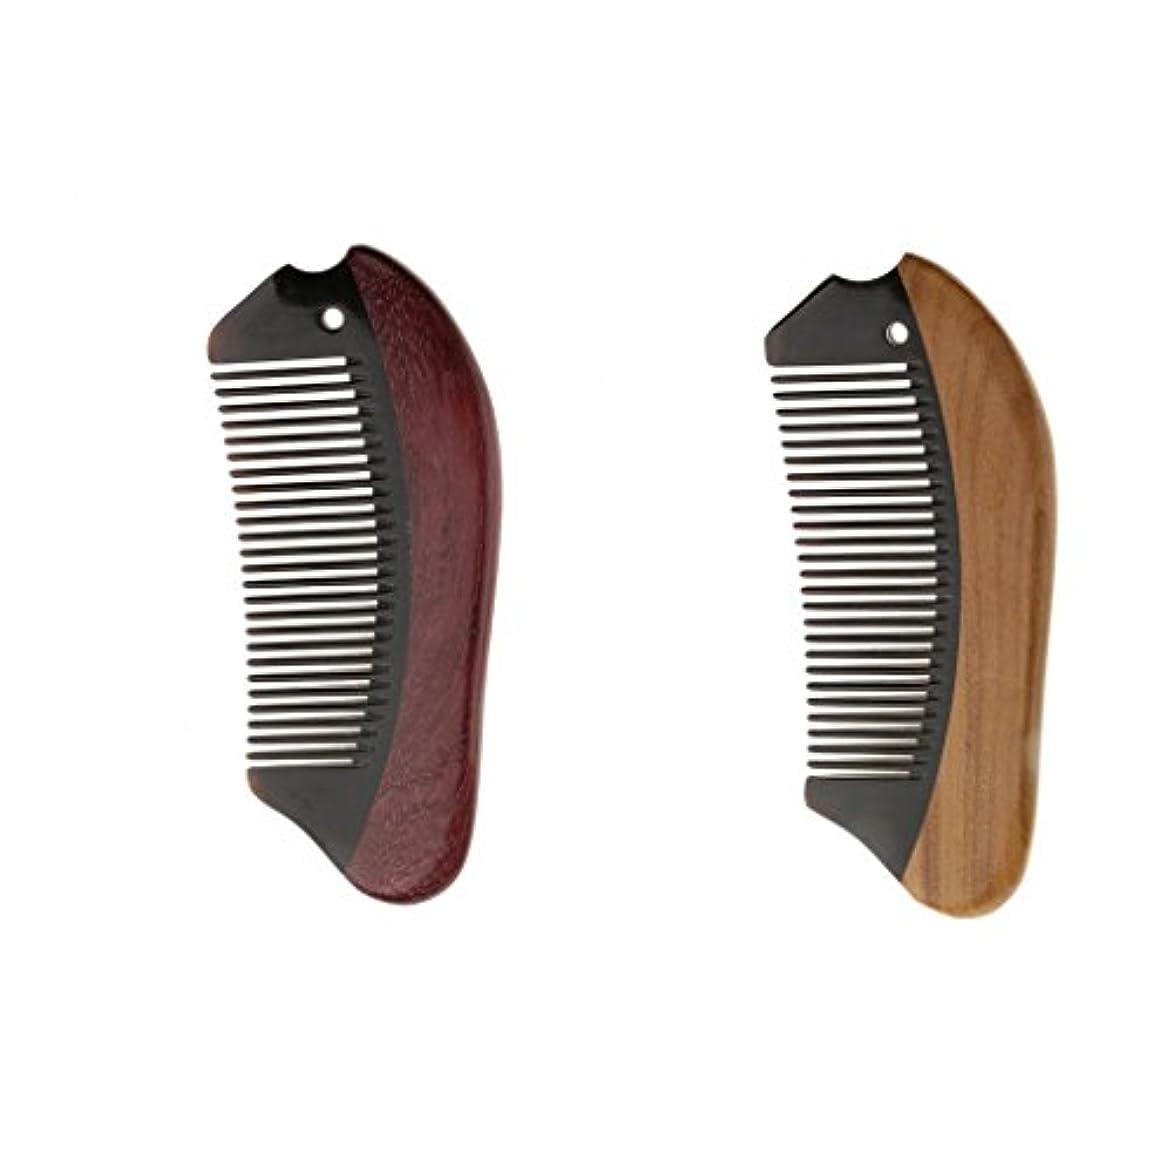 高原公常習者2個 木製 櫛 コーム ヘアダイコーム ブラシ 静電気防止 マッサージ 滑らか 快適